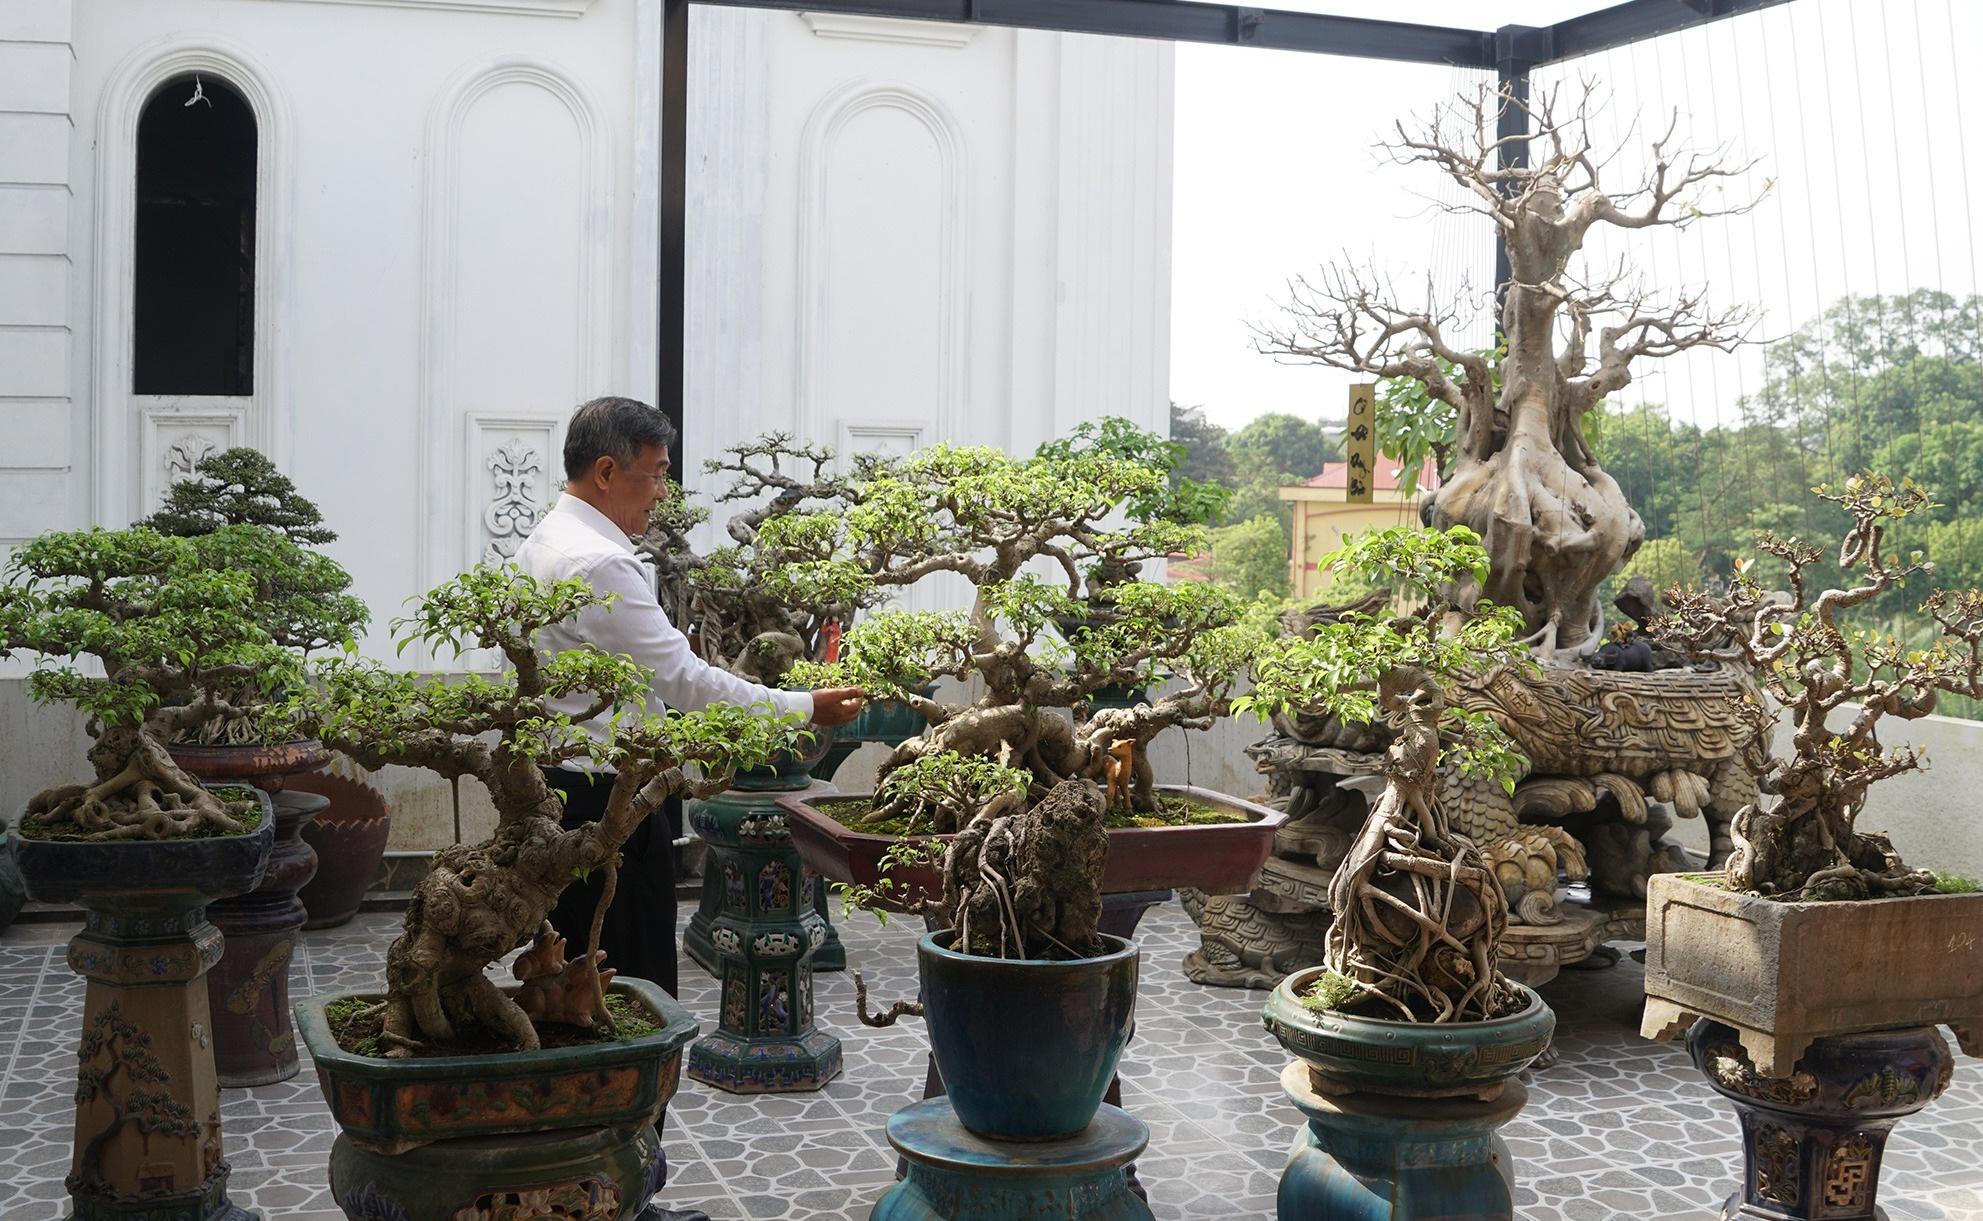 Đại gia chi gần 10 tỷ đồng mua cây cảnh đặt trên sân thượng ngắm mỗi ngày - 1